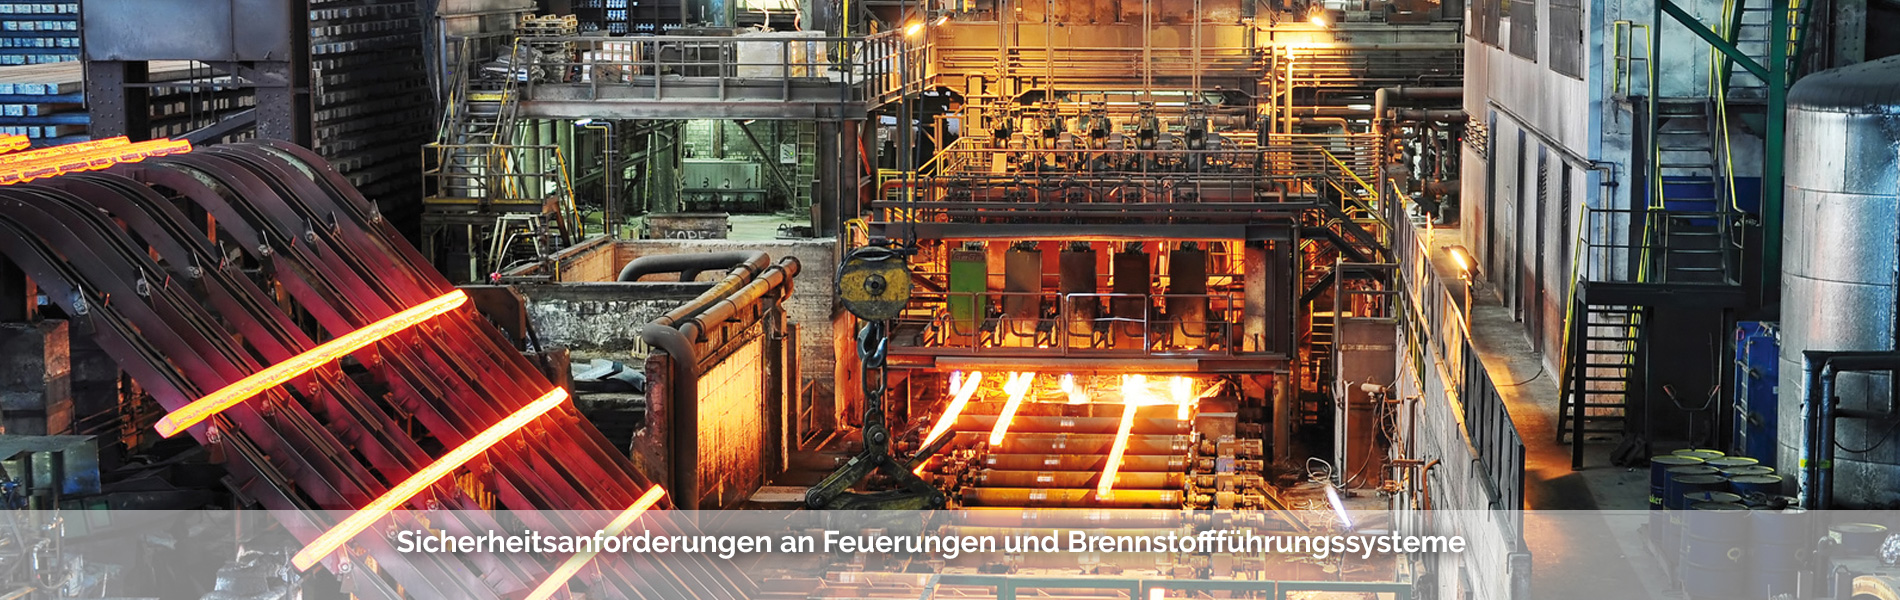 Industrielle Thermoprozessanlagen